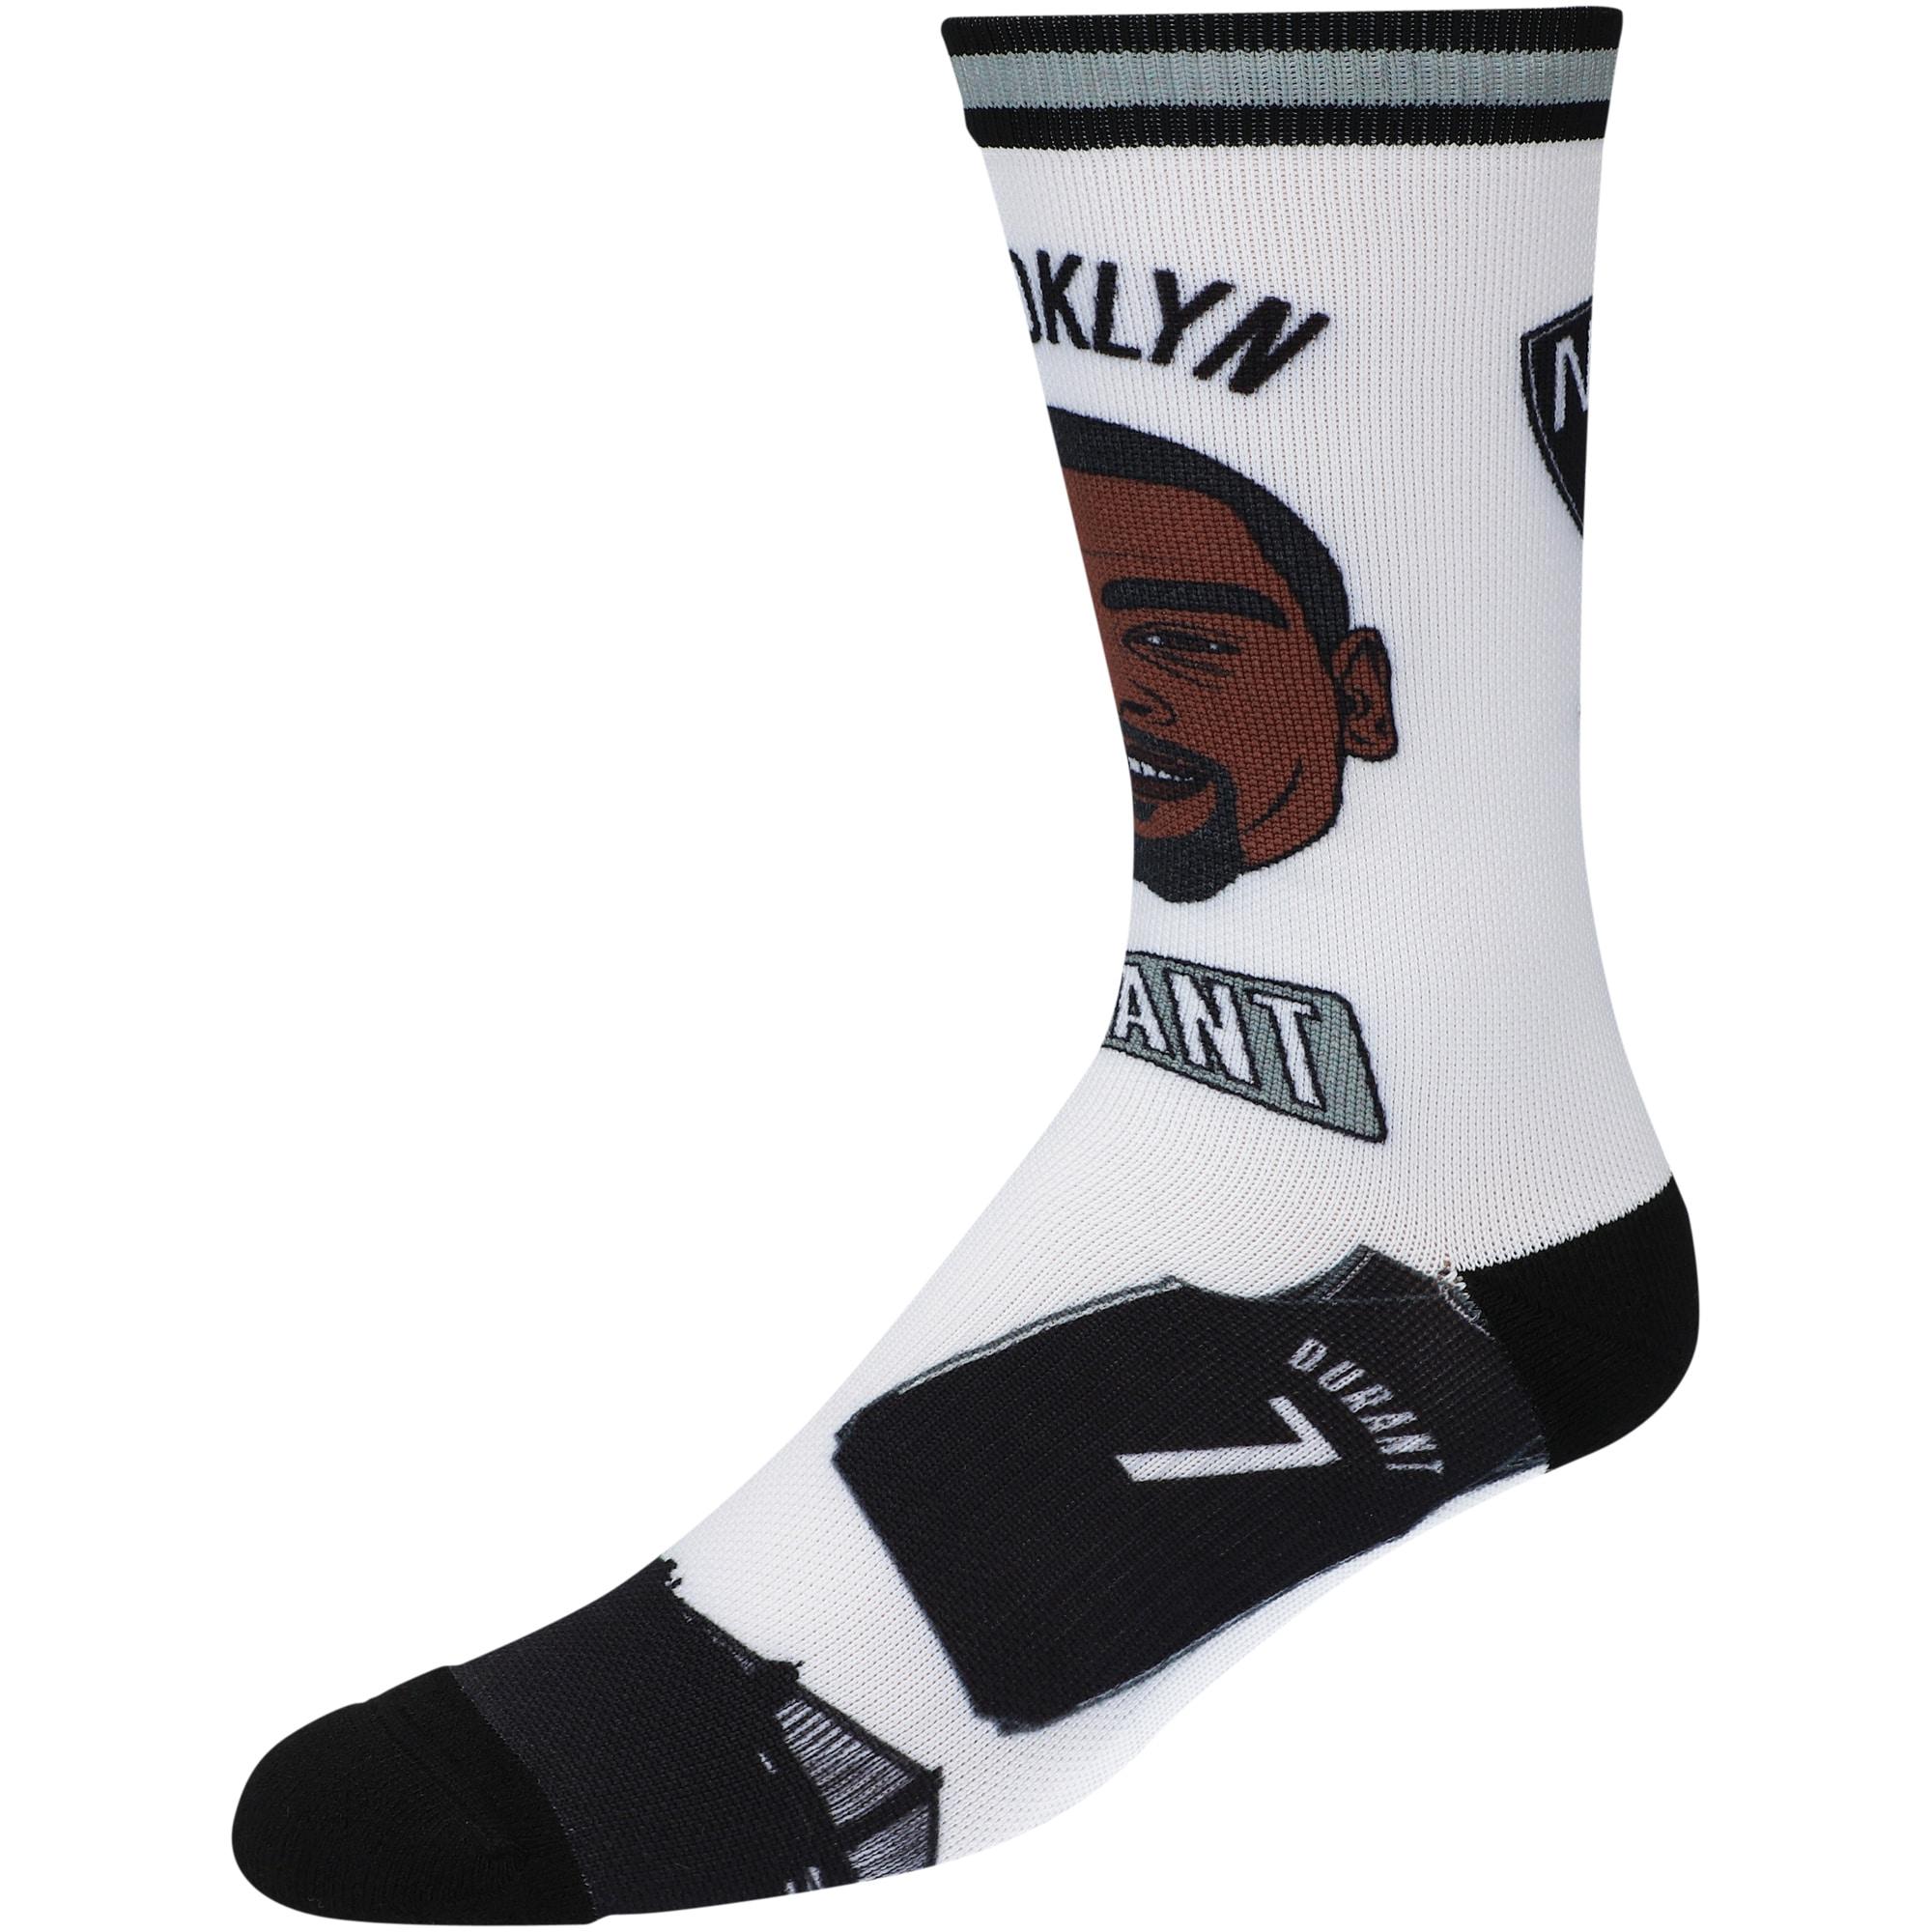 Kevin Durant Brooklyn Nets Player Pins Crew Socks